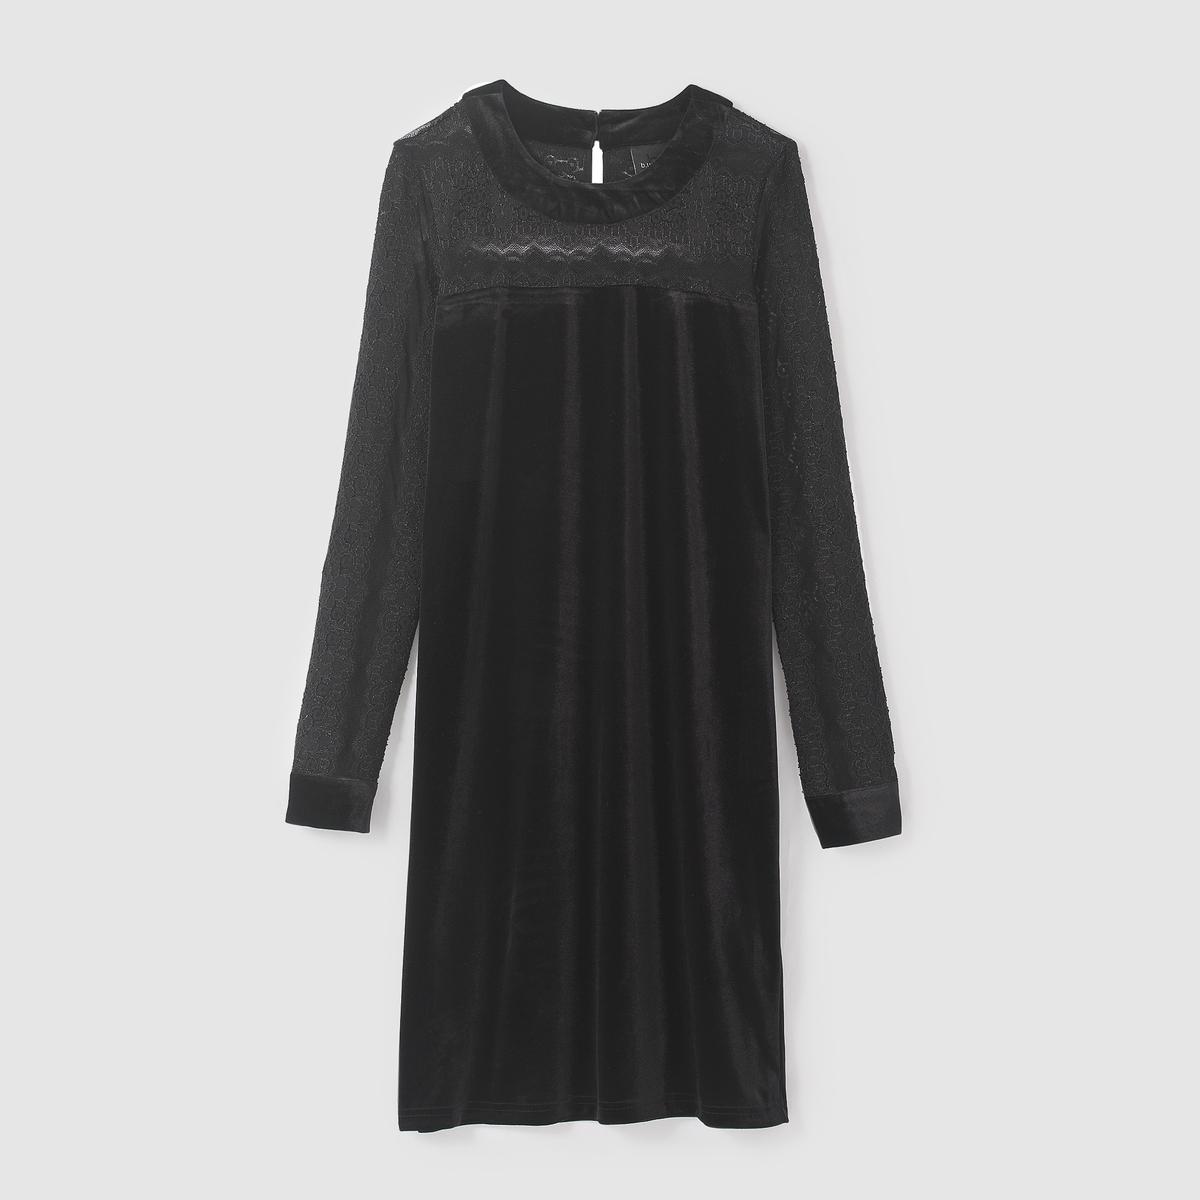 Платье однотонное короткое, длинные рукаваДетали   •  Форма :прямое  •  короткое  •  Длинные рукава    •  Круглый вырезСостав и уход • 27% хлопка, 4% эластана, 69% полиэстера  •  Следуйте советам по уходу, указанным на этикетке<br><br>Цвет: черный<br>Размер: 38 (FR) - 44 (RUS).36 (FR) - 42 (RUS)